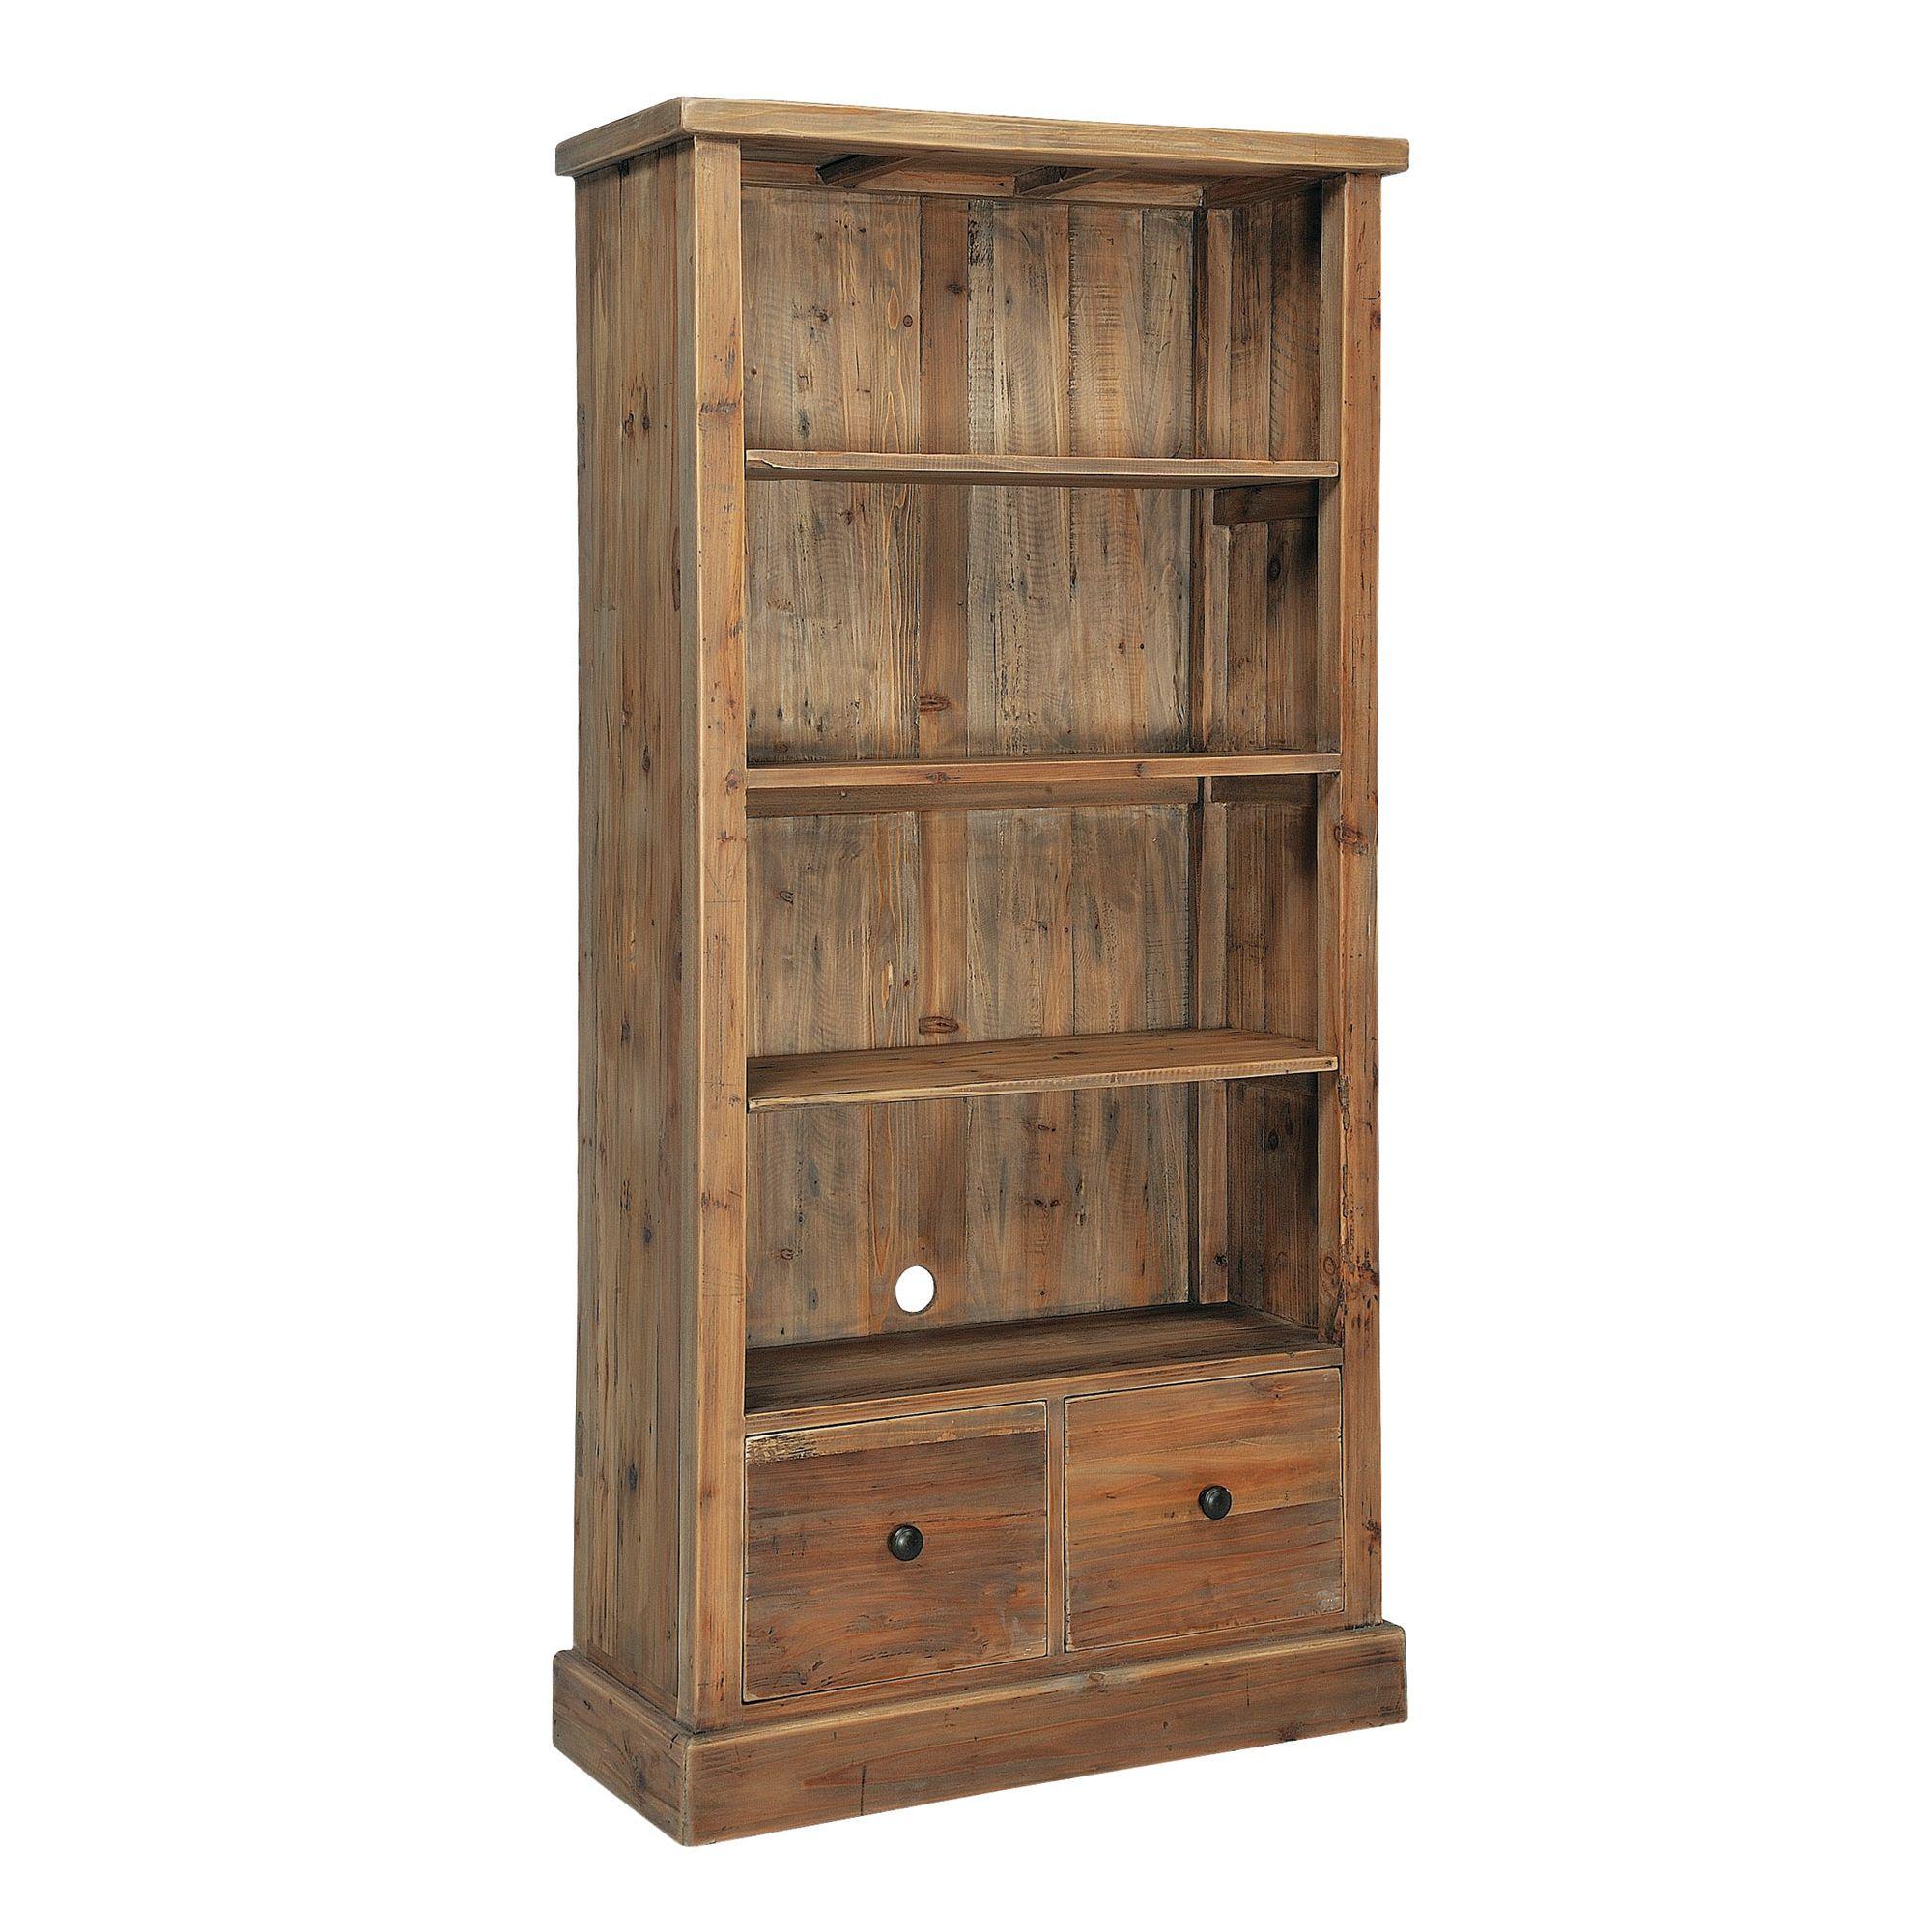 Rowico Aspen Bookcase - Natural at Tesco Direct